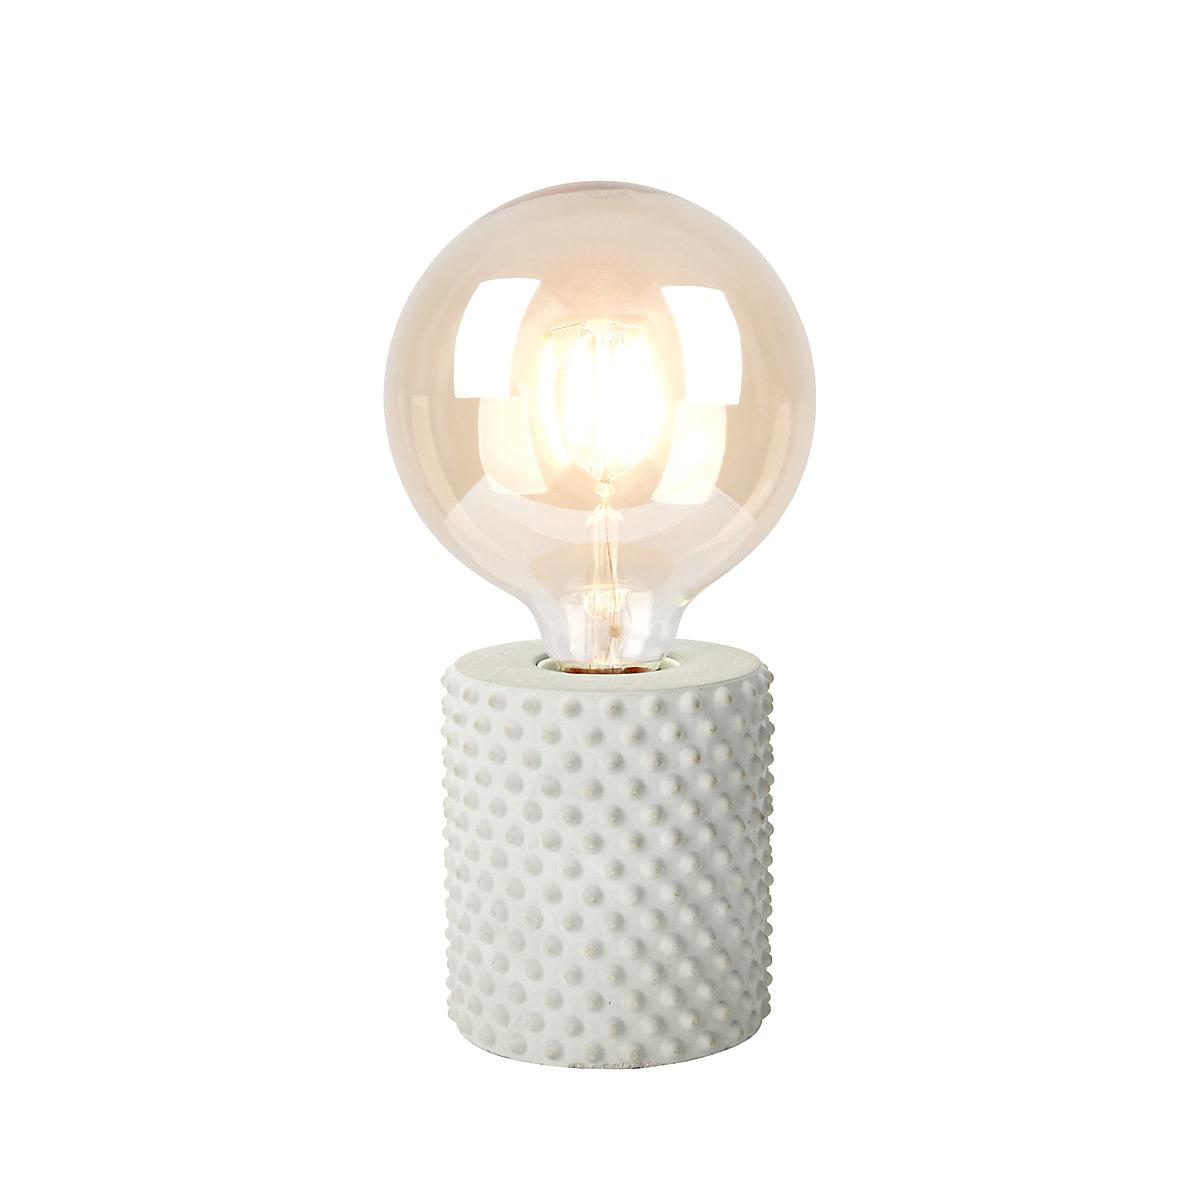 Tube bordlampe fra Clas Ohlson i grå betong 2 stk! 119